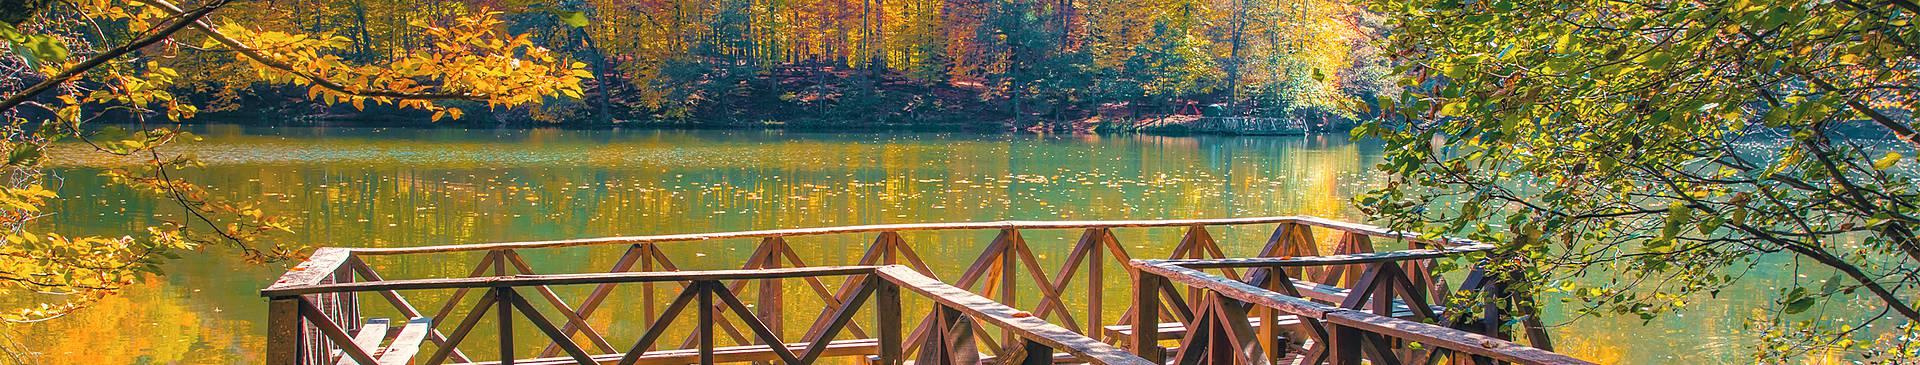 Viajes a Turquía en otoño